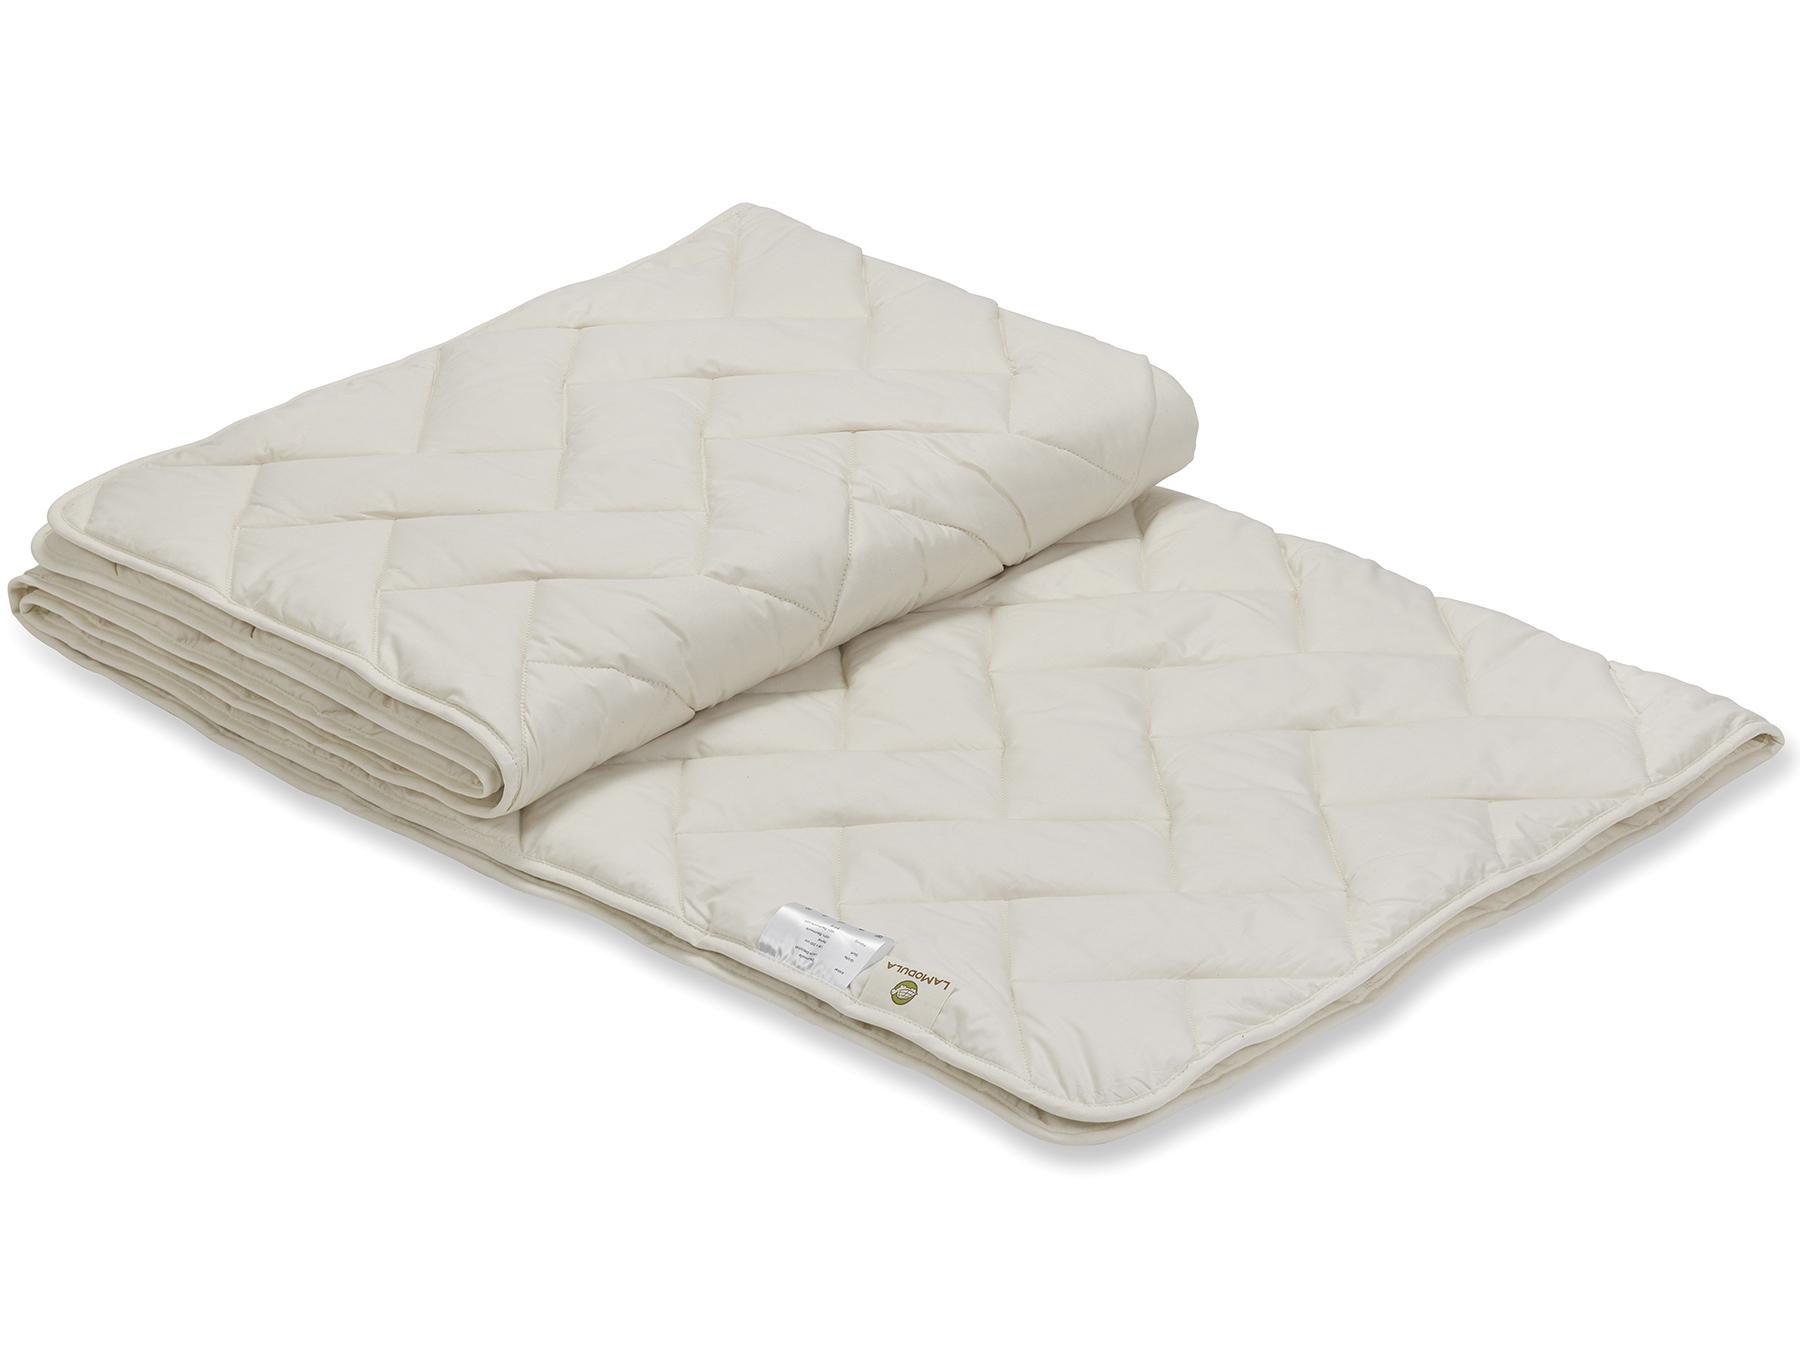 Baumwolle sorgt für ein ausgeglichenes Schlafklima.